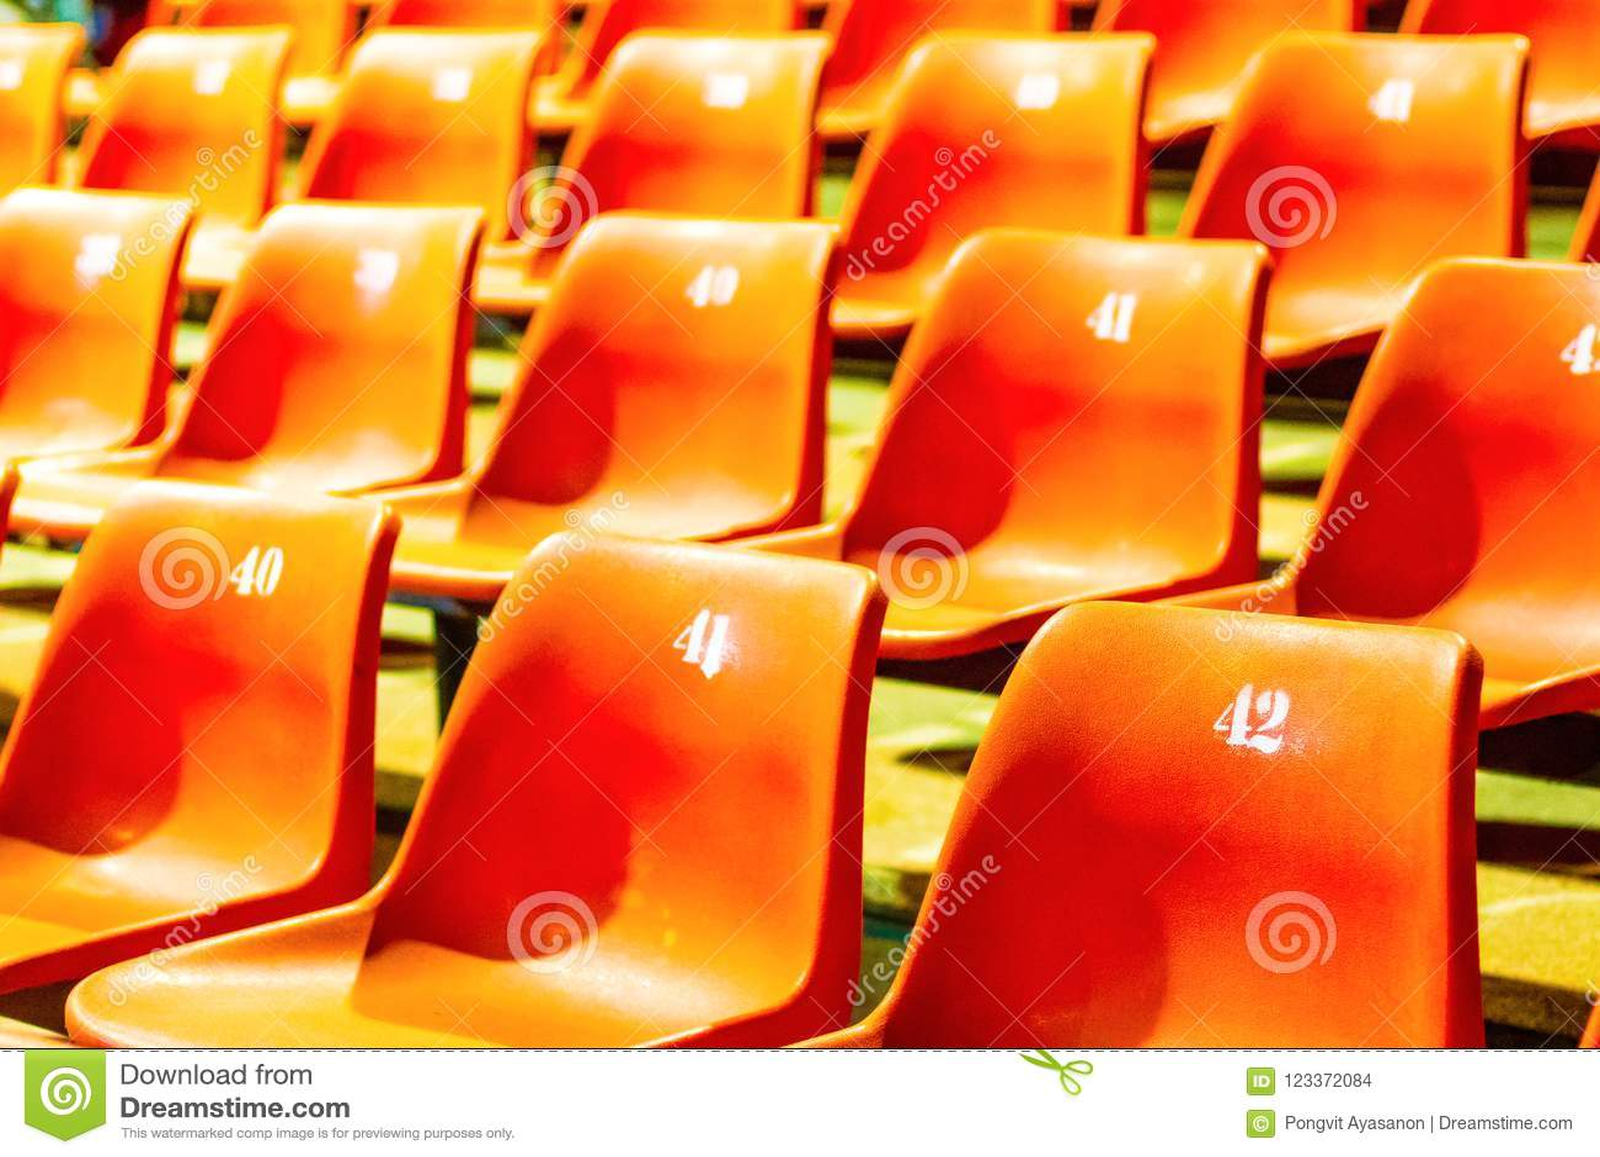 De plastic sinaasappel van de rijstoel met alle aantallen in grote conferentie ro